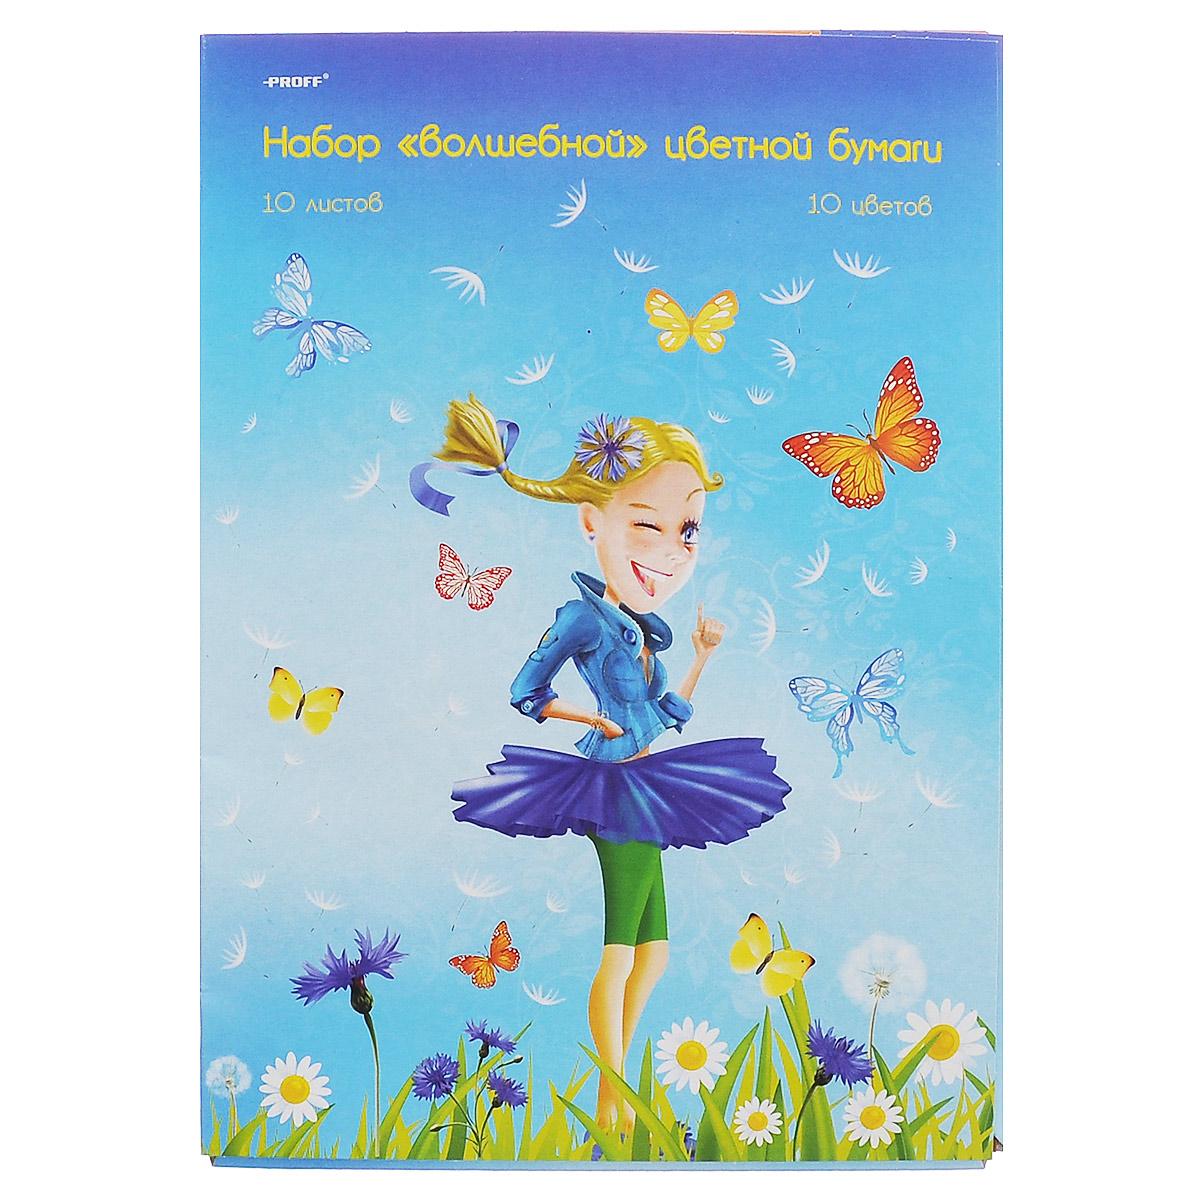 Набор цветной бумаги Proff Девочки-цветочки, 10 листов. MF15-CPS10PP15-CCPS24Набор цветной бумаги Девочки-цветочки, в папке из мелованного картона, позволит создавать всевозможные аппликации и поделки. Набор состоит из таких цветов: желтый, черный, розовый, оранжевый, платиновый, красный, коричневый, зеленый, золотой, синий. Создание поделок из цветной бумаги позволяет ребенку развивать творческие способности, кроме того, это увлекательный досуг.